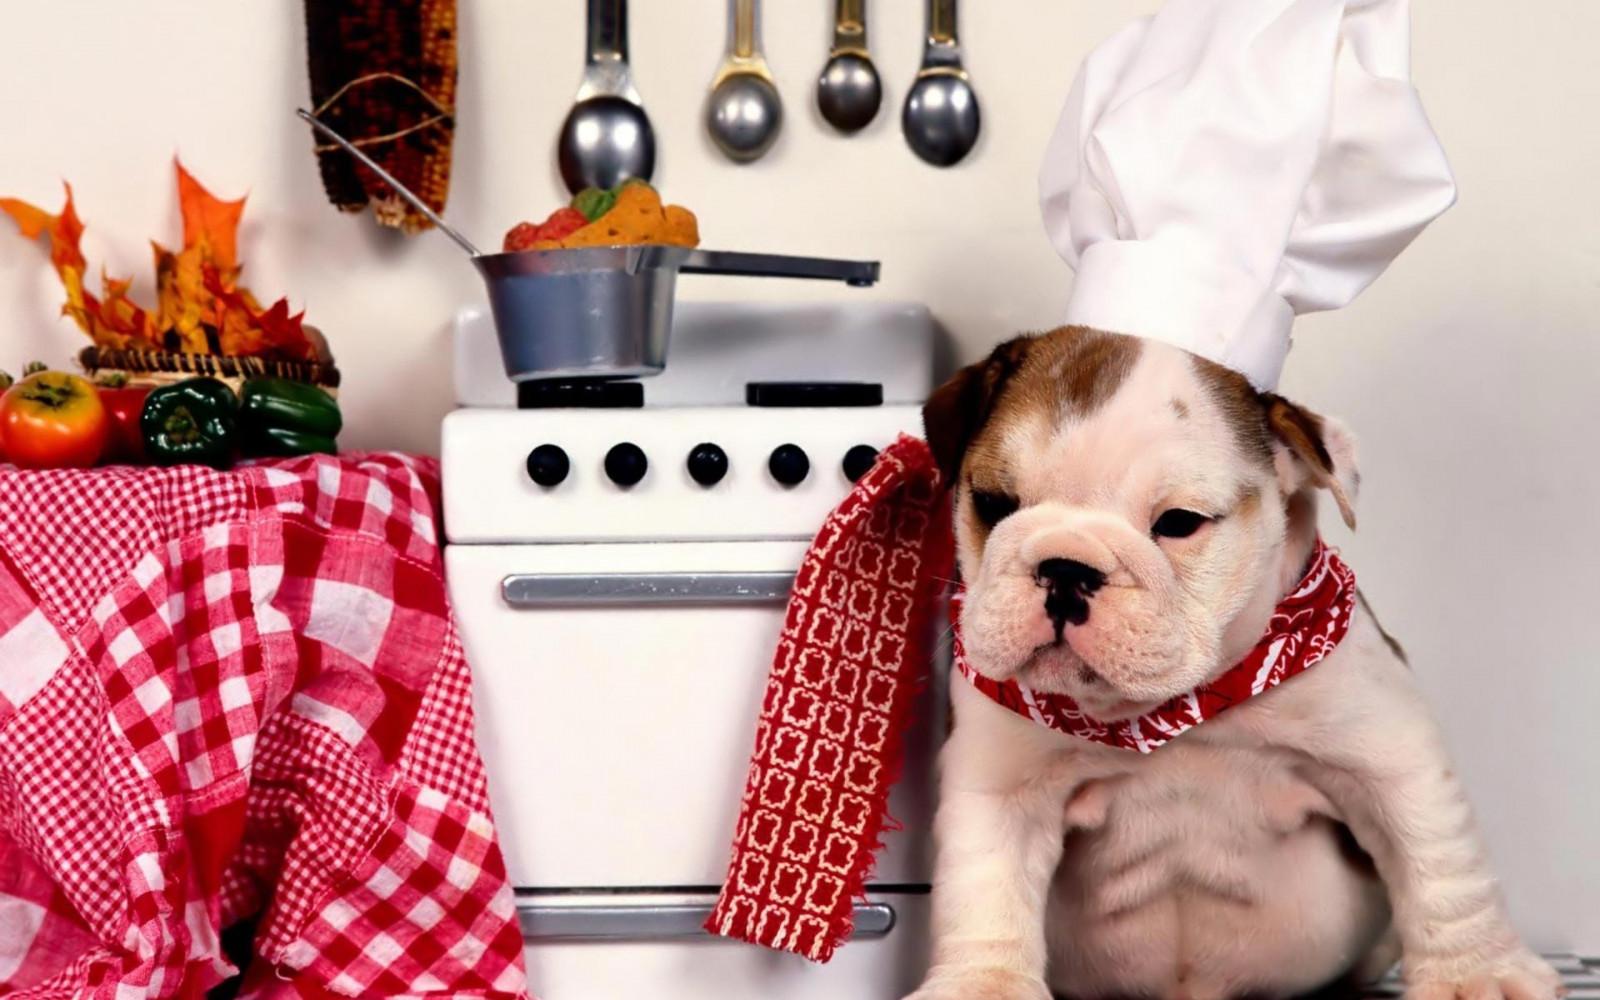 Картинки любви, картинки кухни смешные